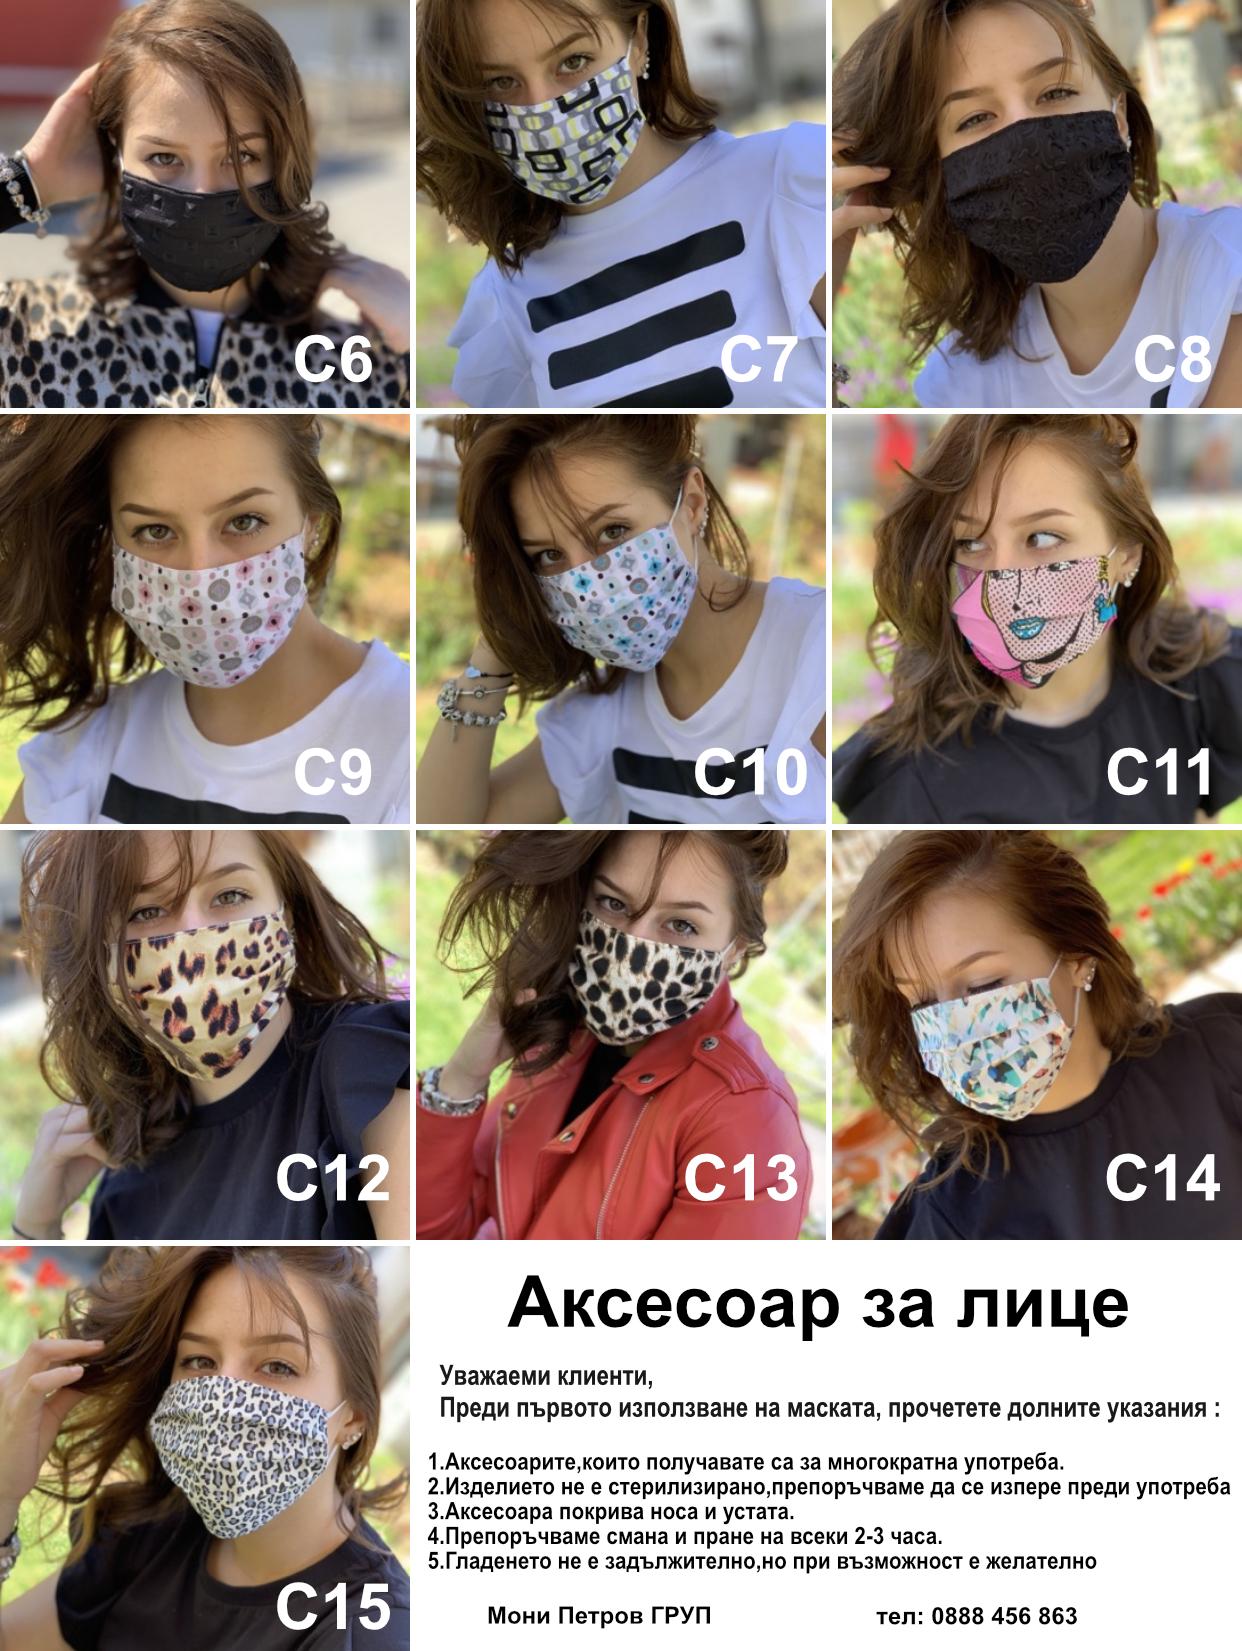 АКСЕСОАР ЗА ЛИЦЕ МОДЕЛ С8 1